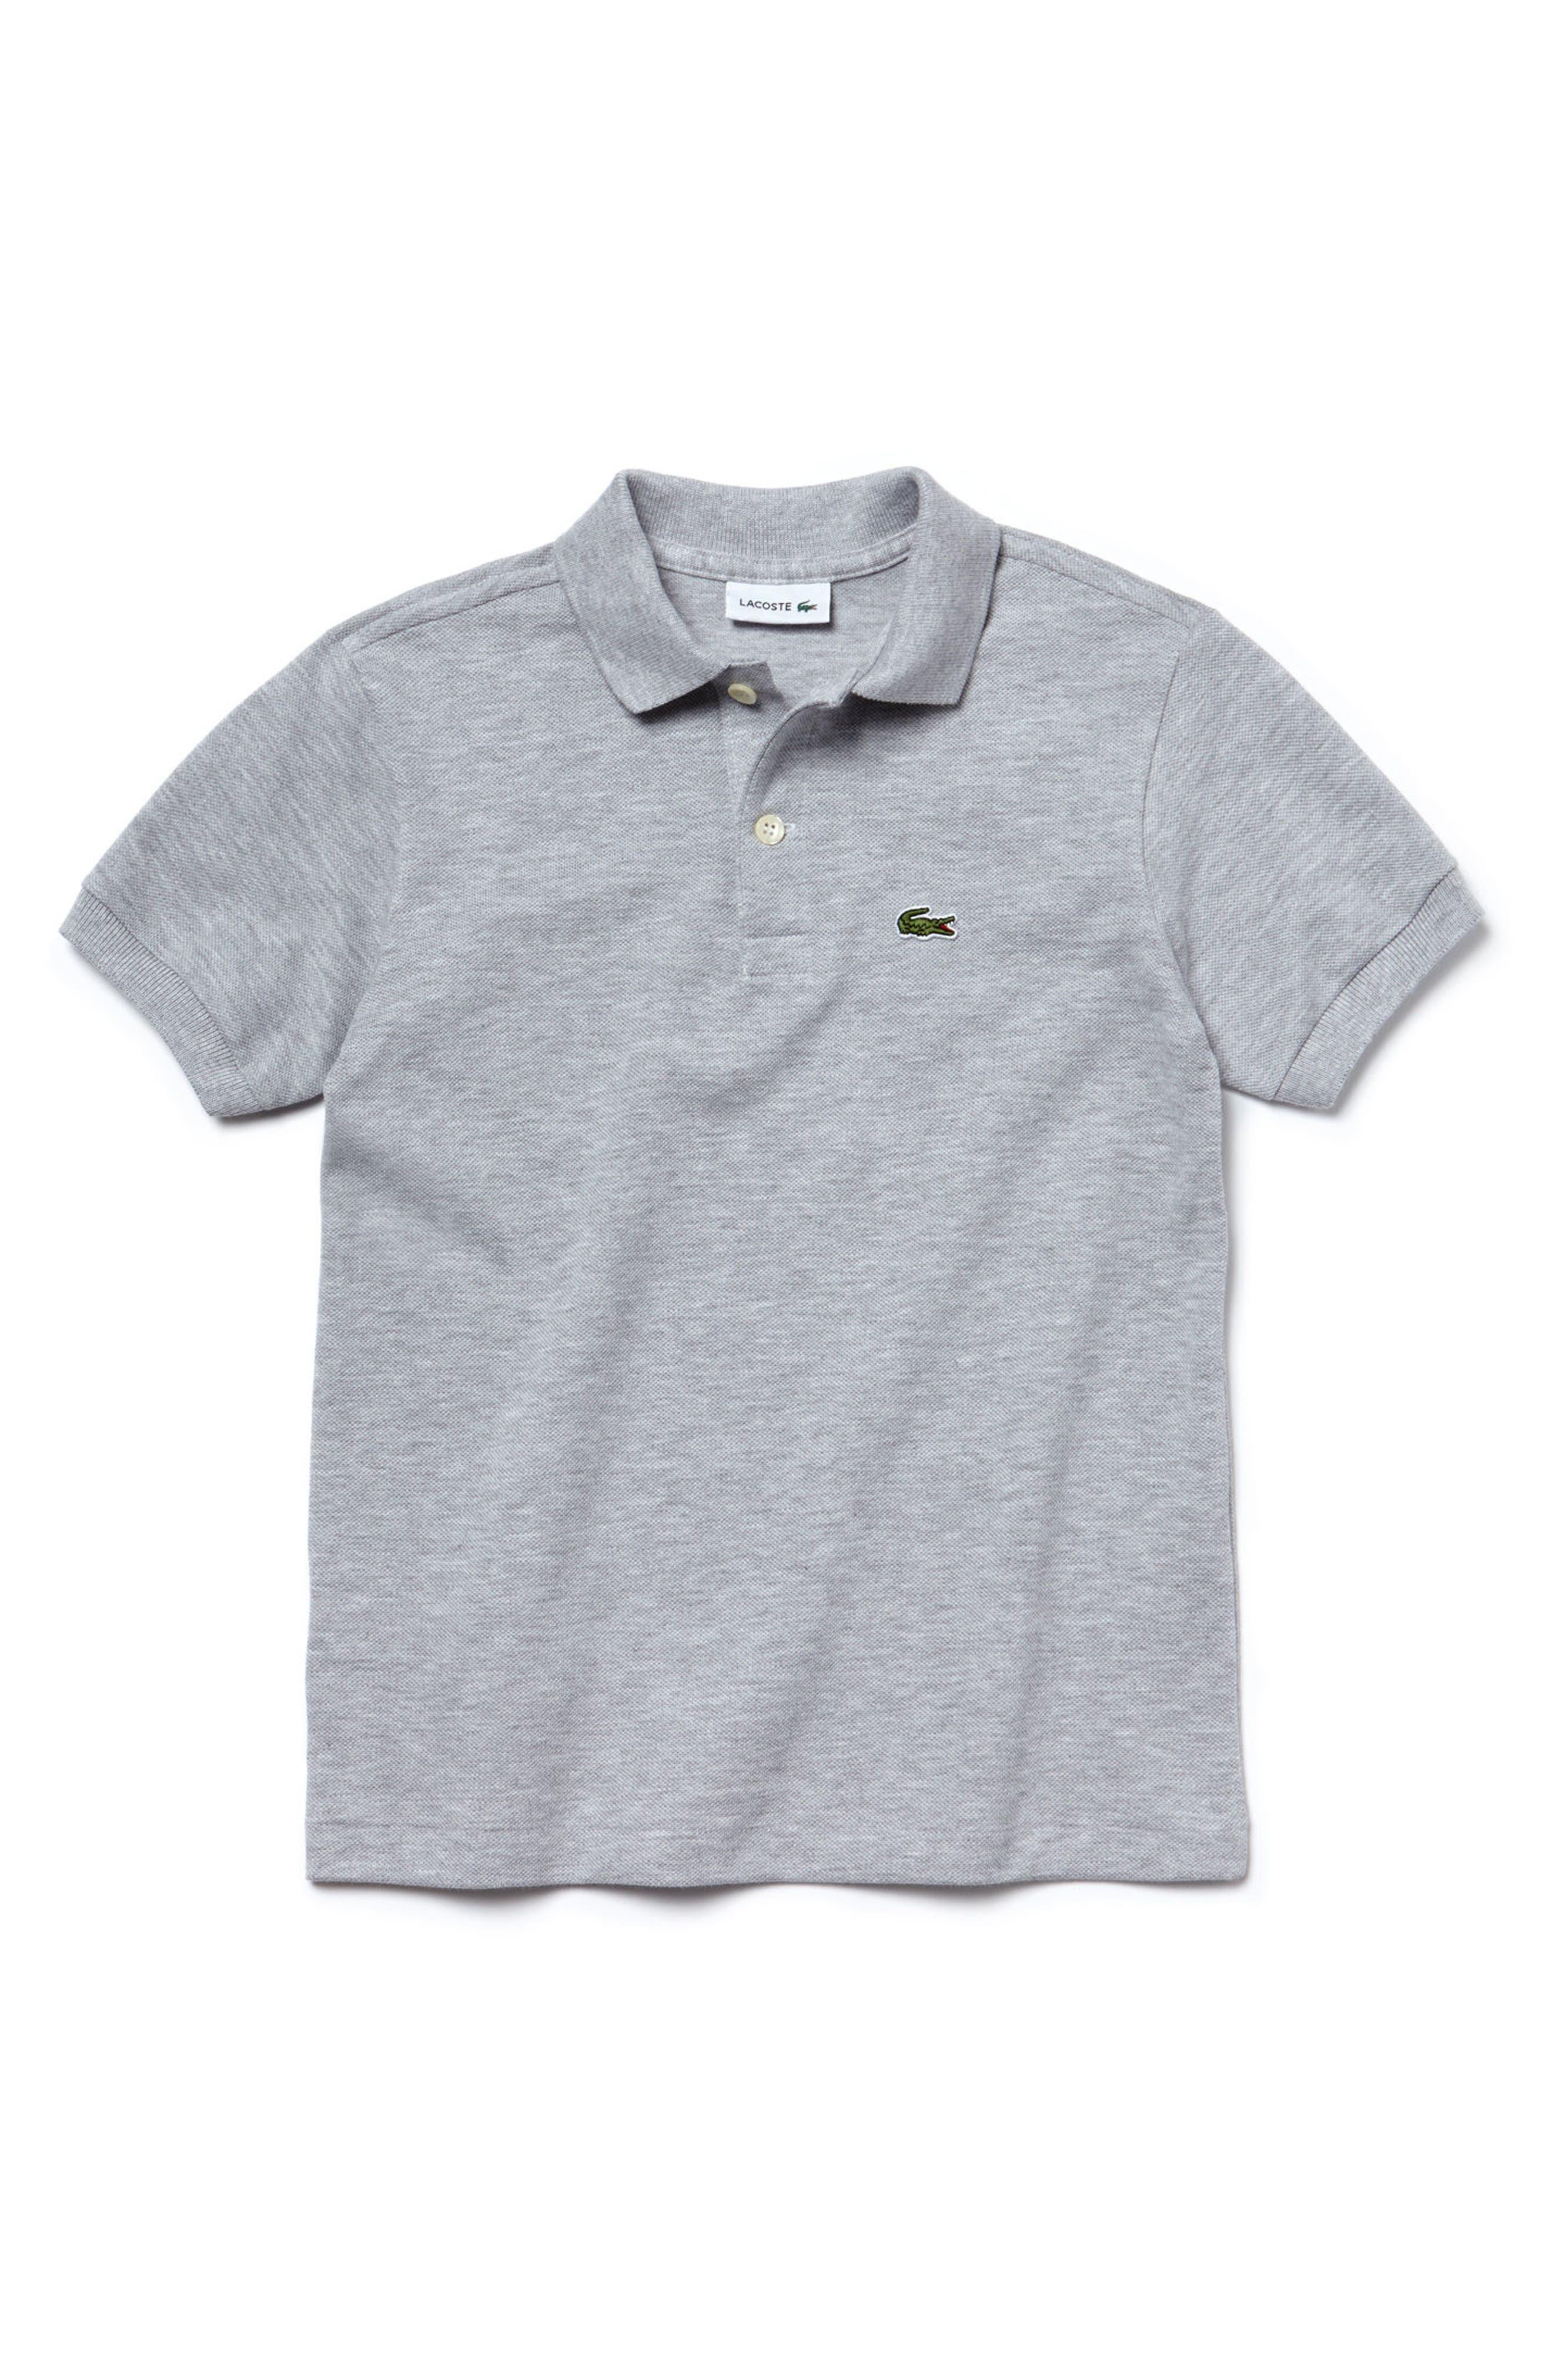 Piqué Cotton Polo,                             Main thumbnail 1, color,                             SILVER GREY CHINE